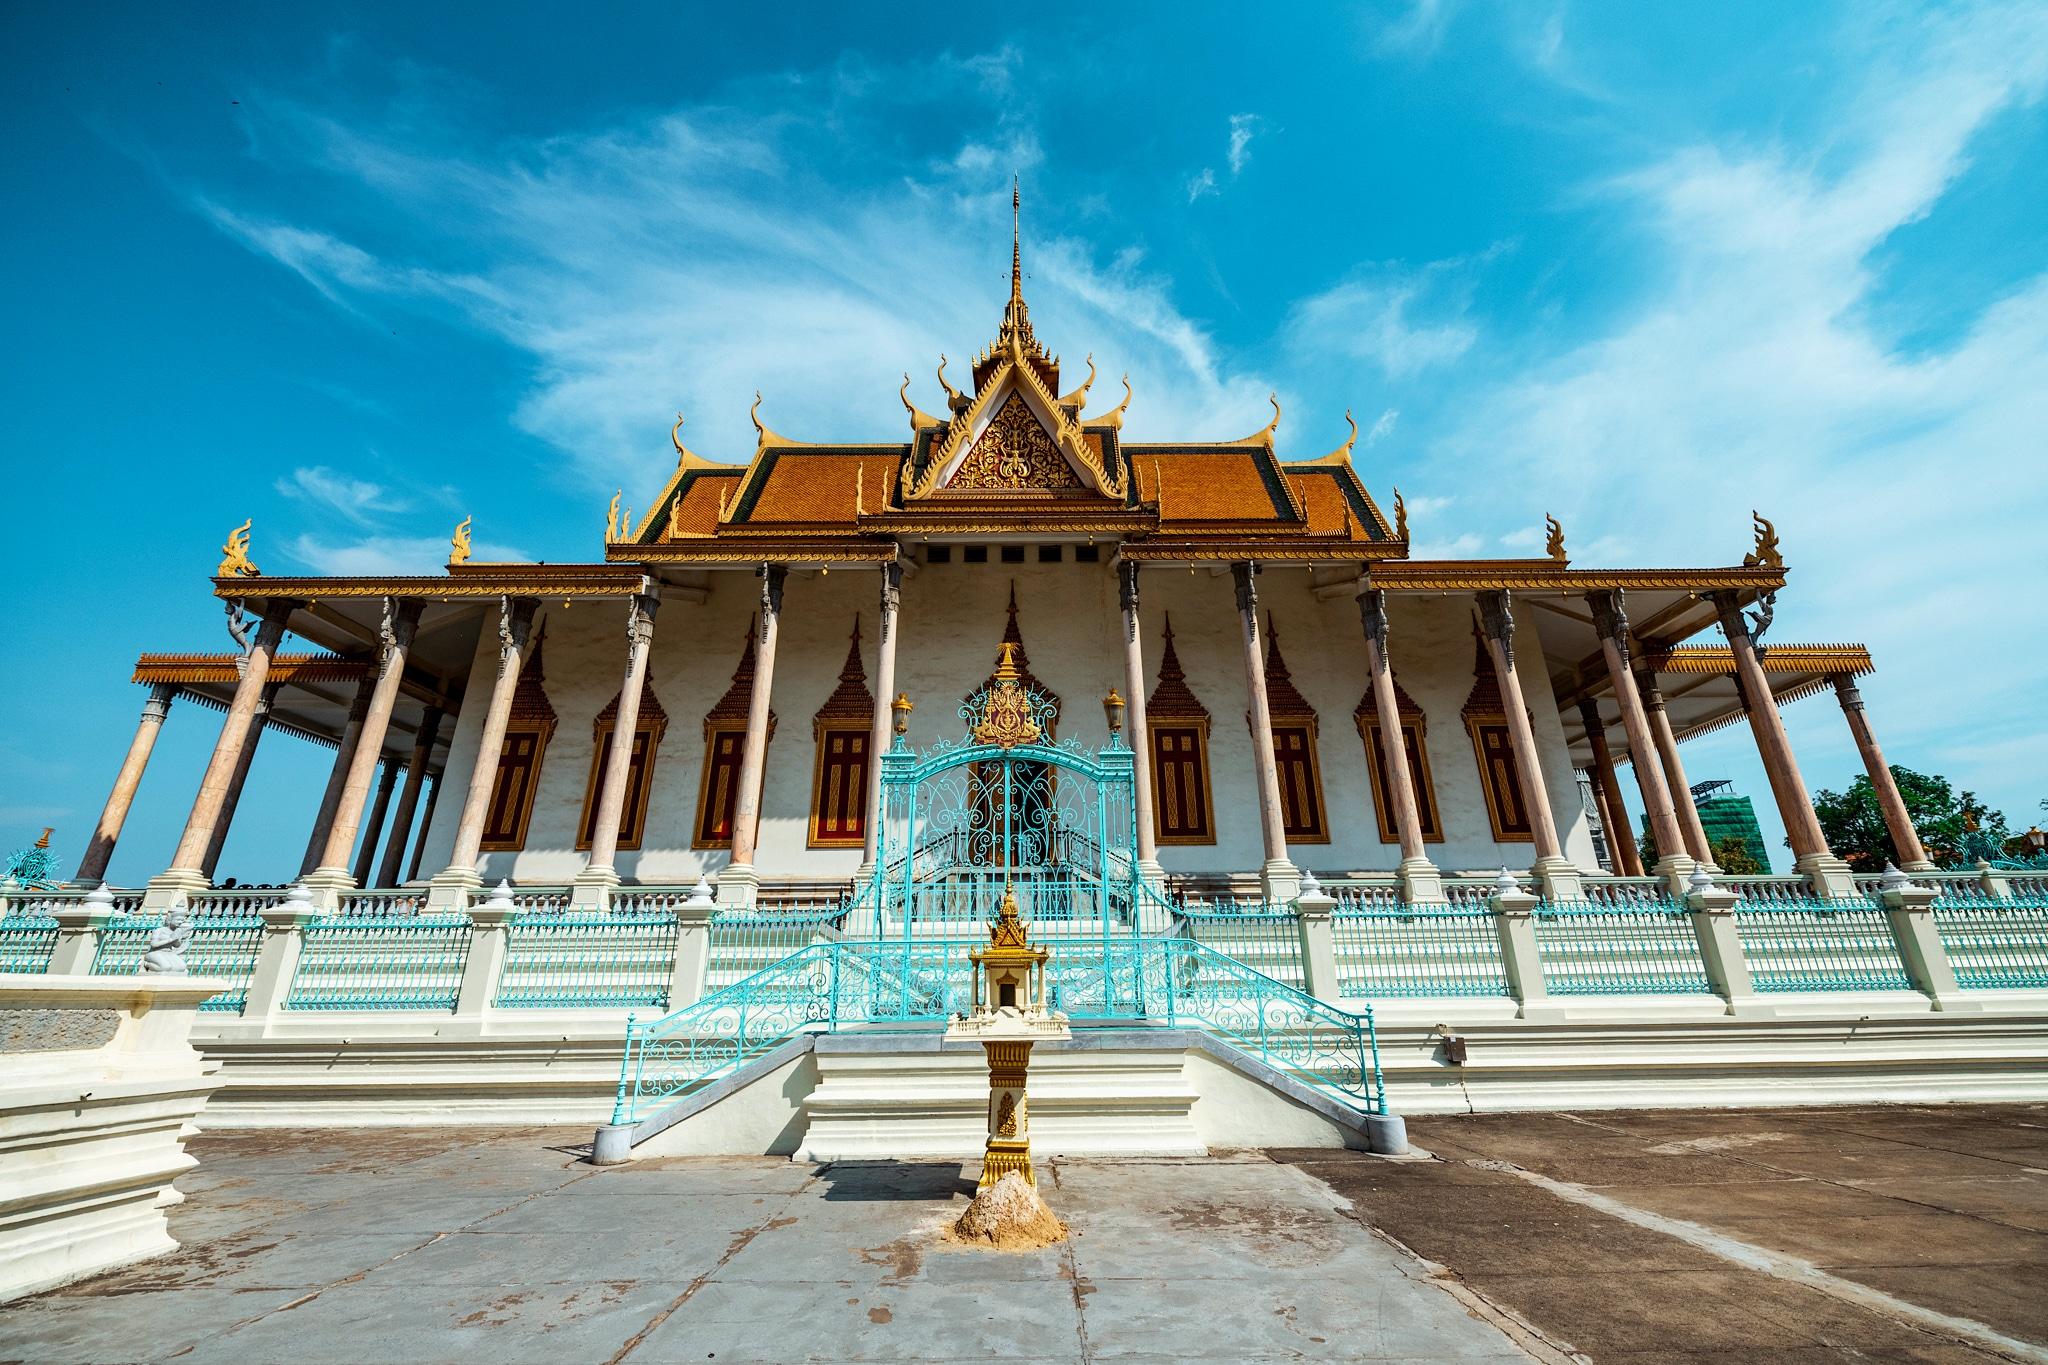 CambodiaRetro00009.jpg